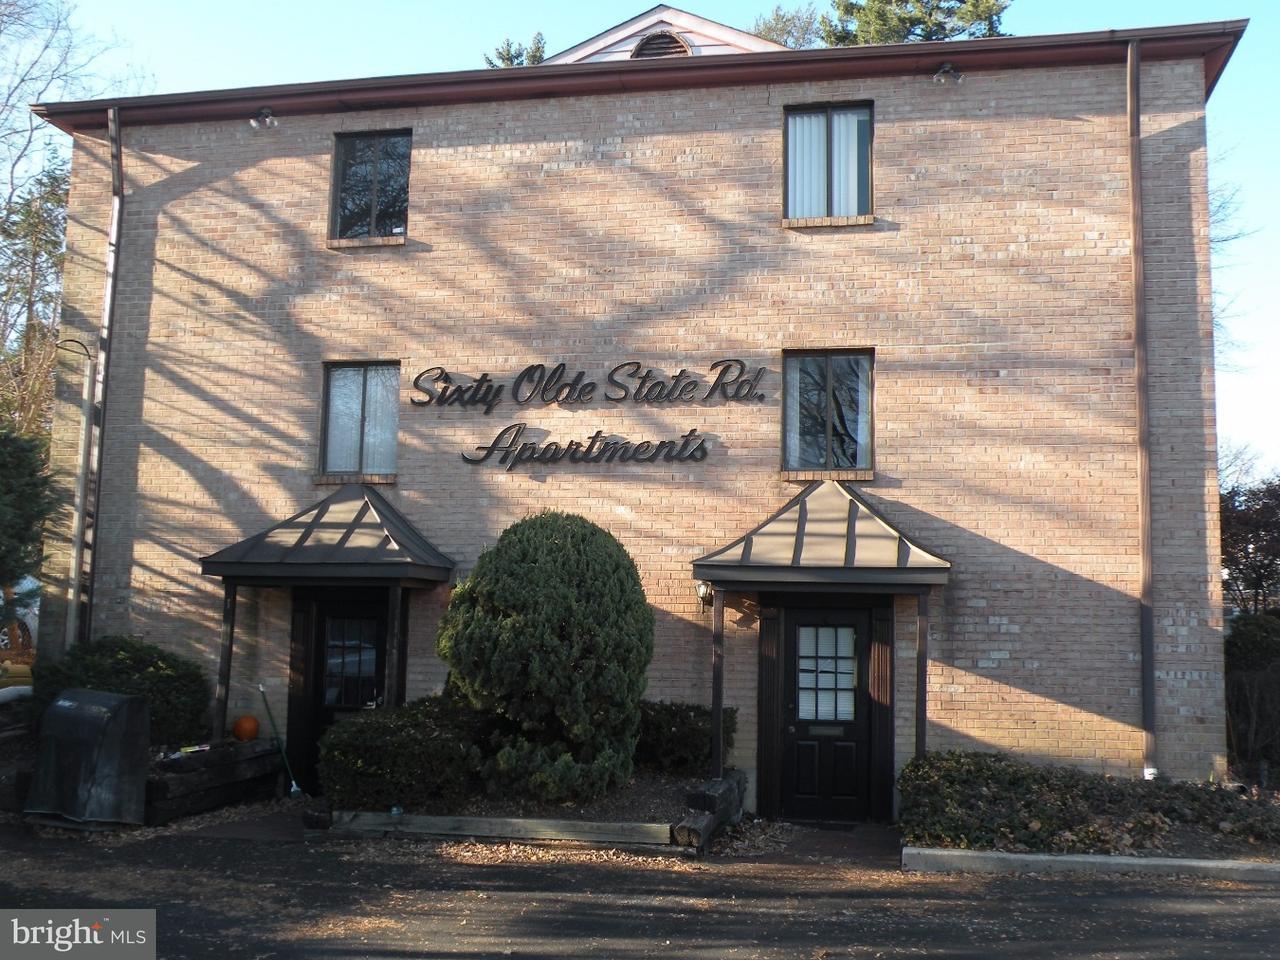 Casa Unifamiliar por un Alquiler en 60 OLD STATE RD #9 Media, Pennsylvania 19063 Estados Unidos